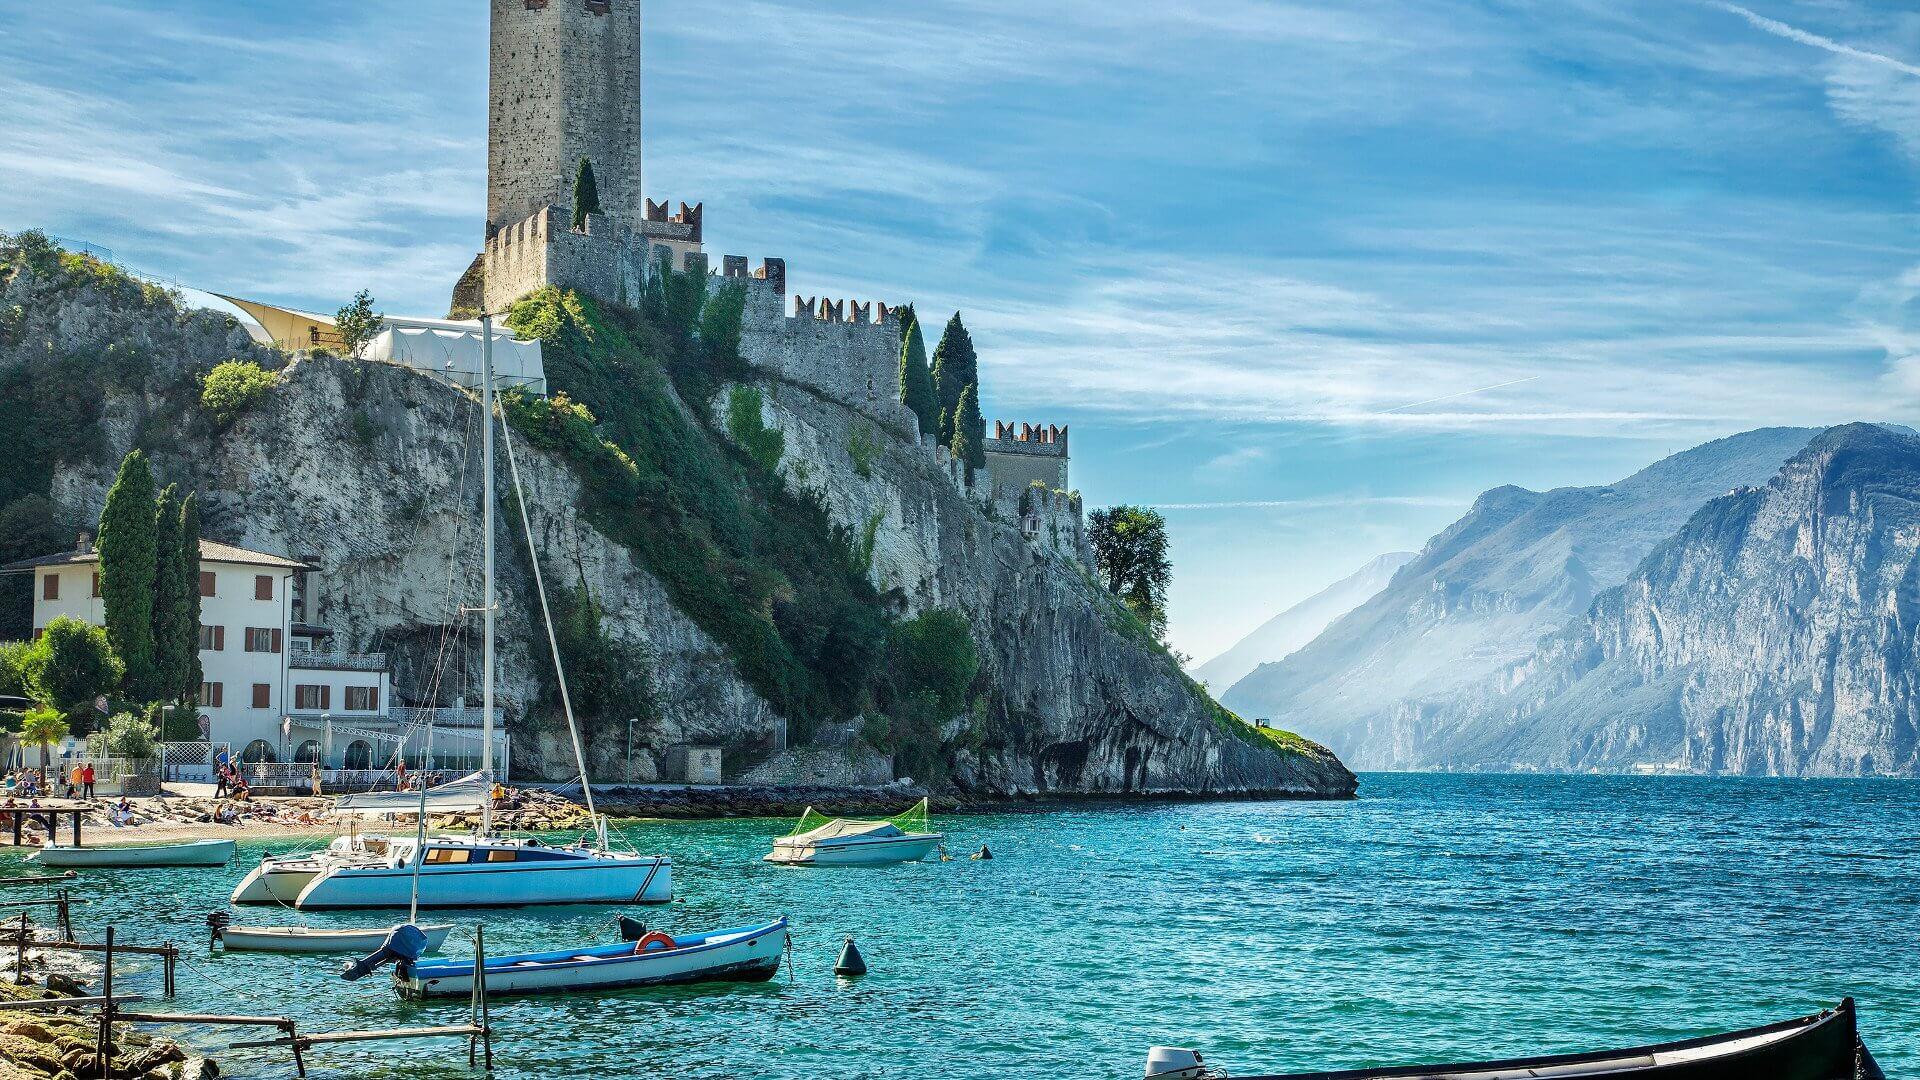 https://aviaseller.com/wp-content/uploads/2018/06/Lake-Garda-Wallpaper-21.jpg